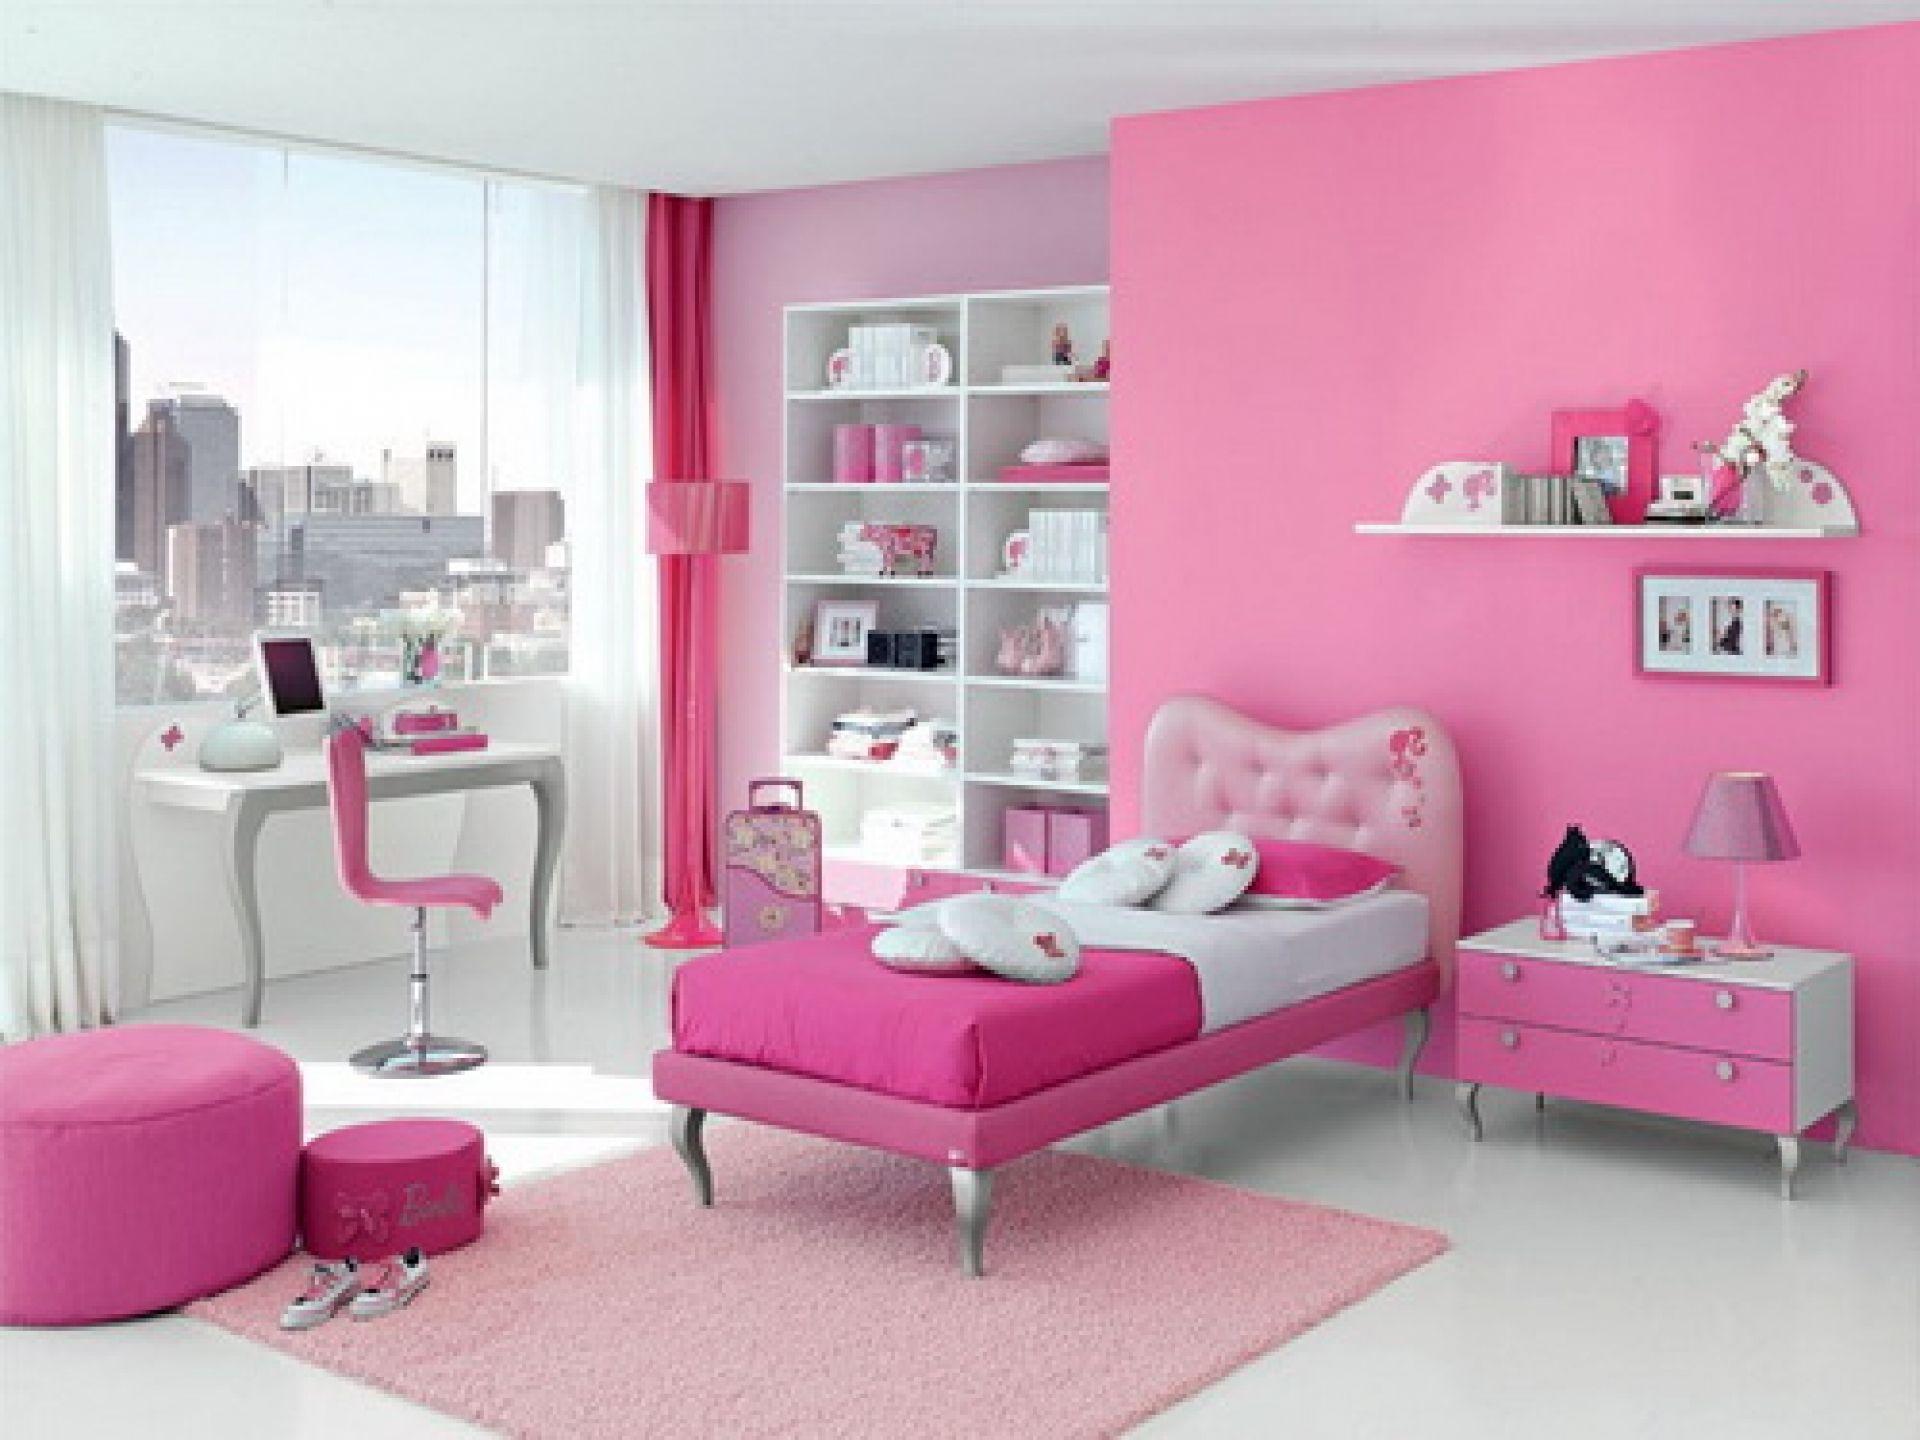 Badezimmer ideen für teenager interior design für teenager mädchen schlafzimmer schlafzimmer